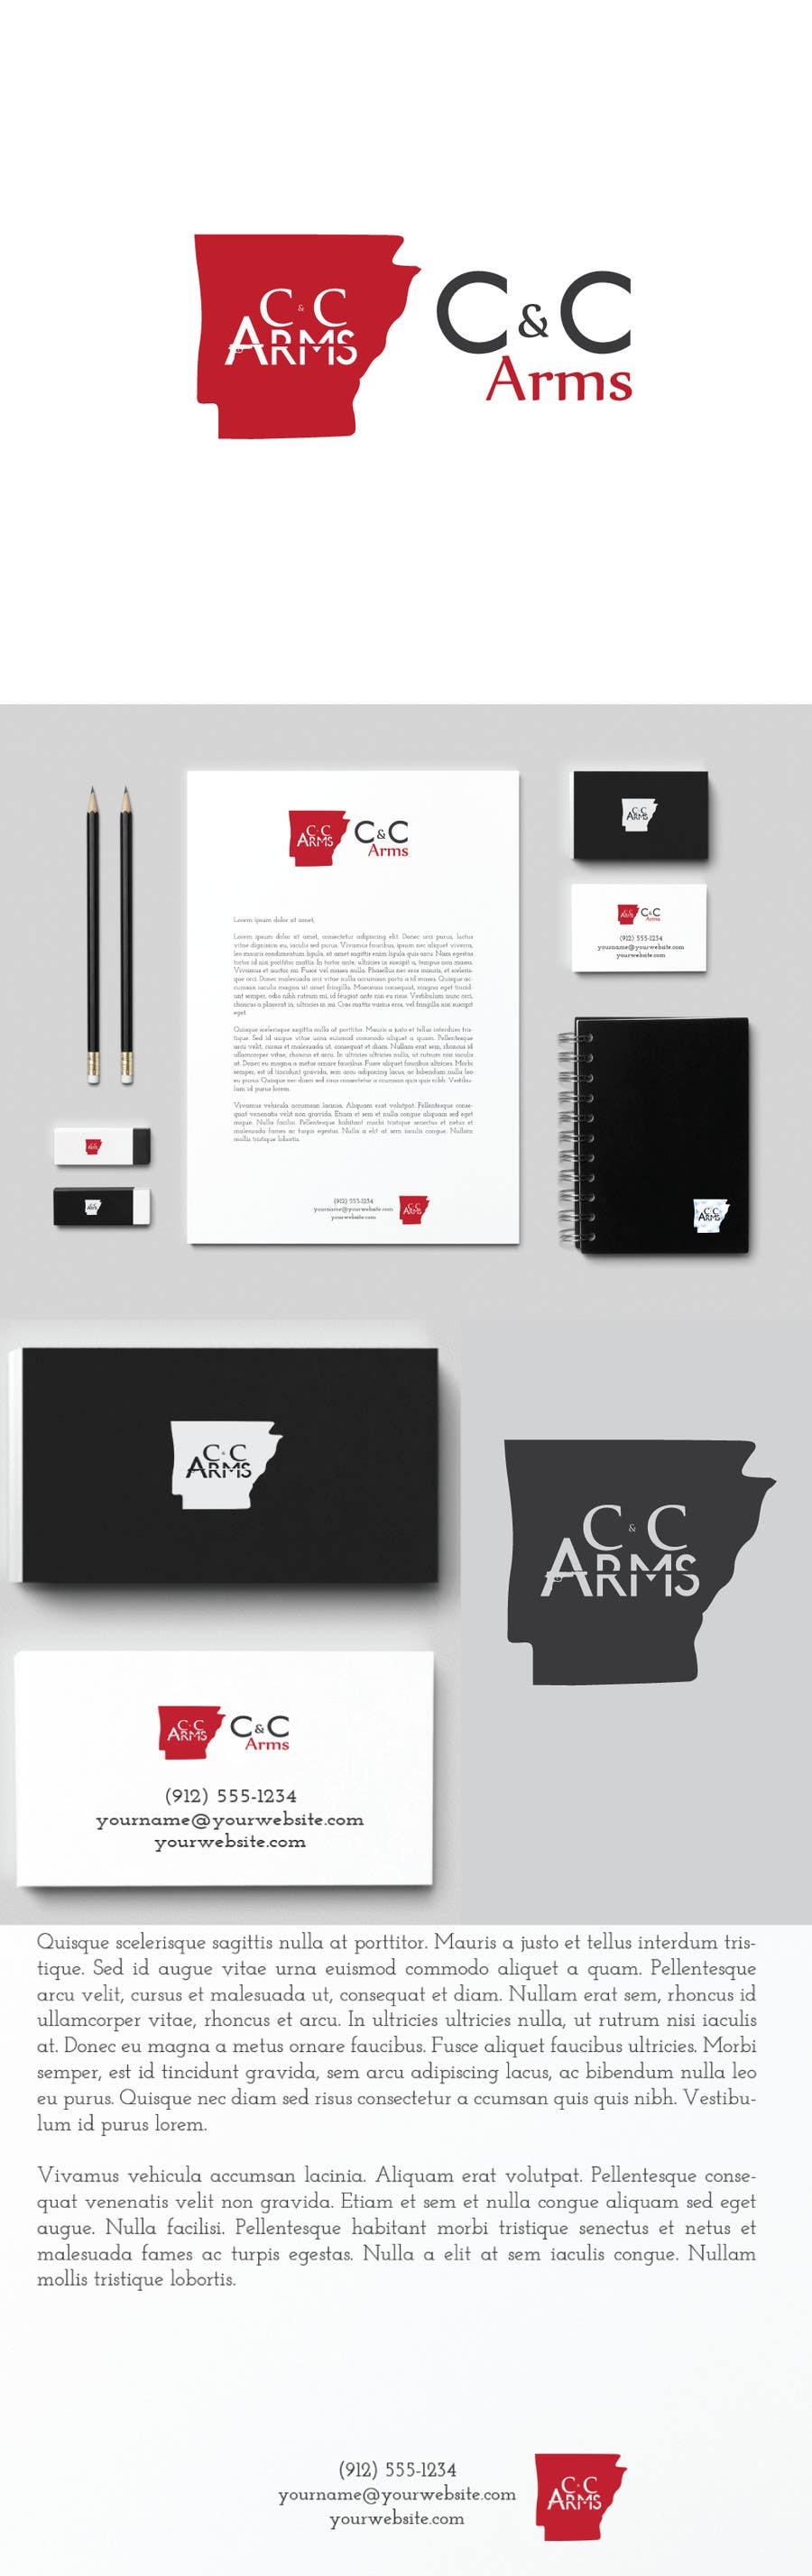 Penyertaan Peraduan #                                        307                                      untuk                                         Design a Logo